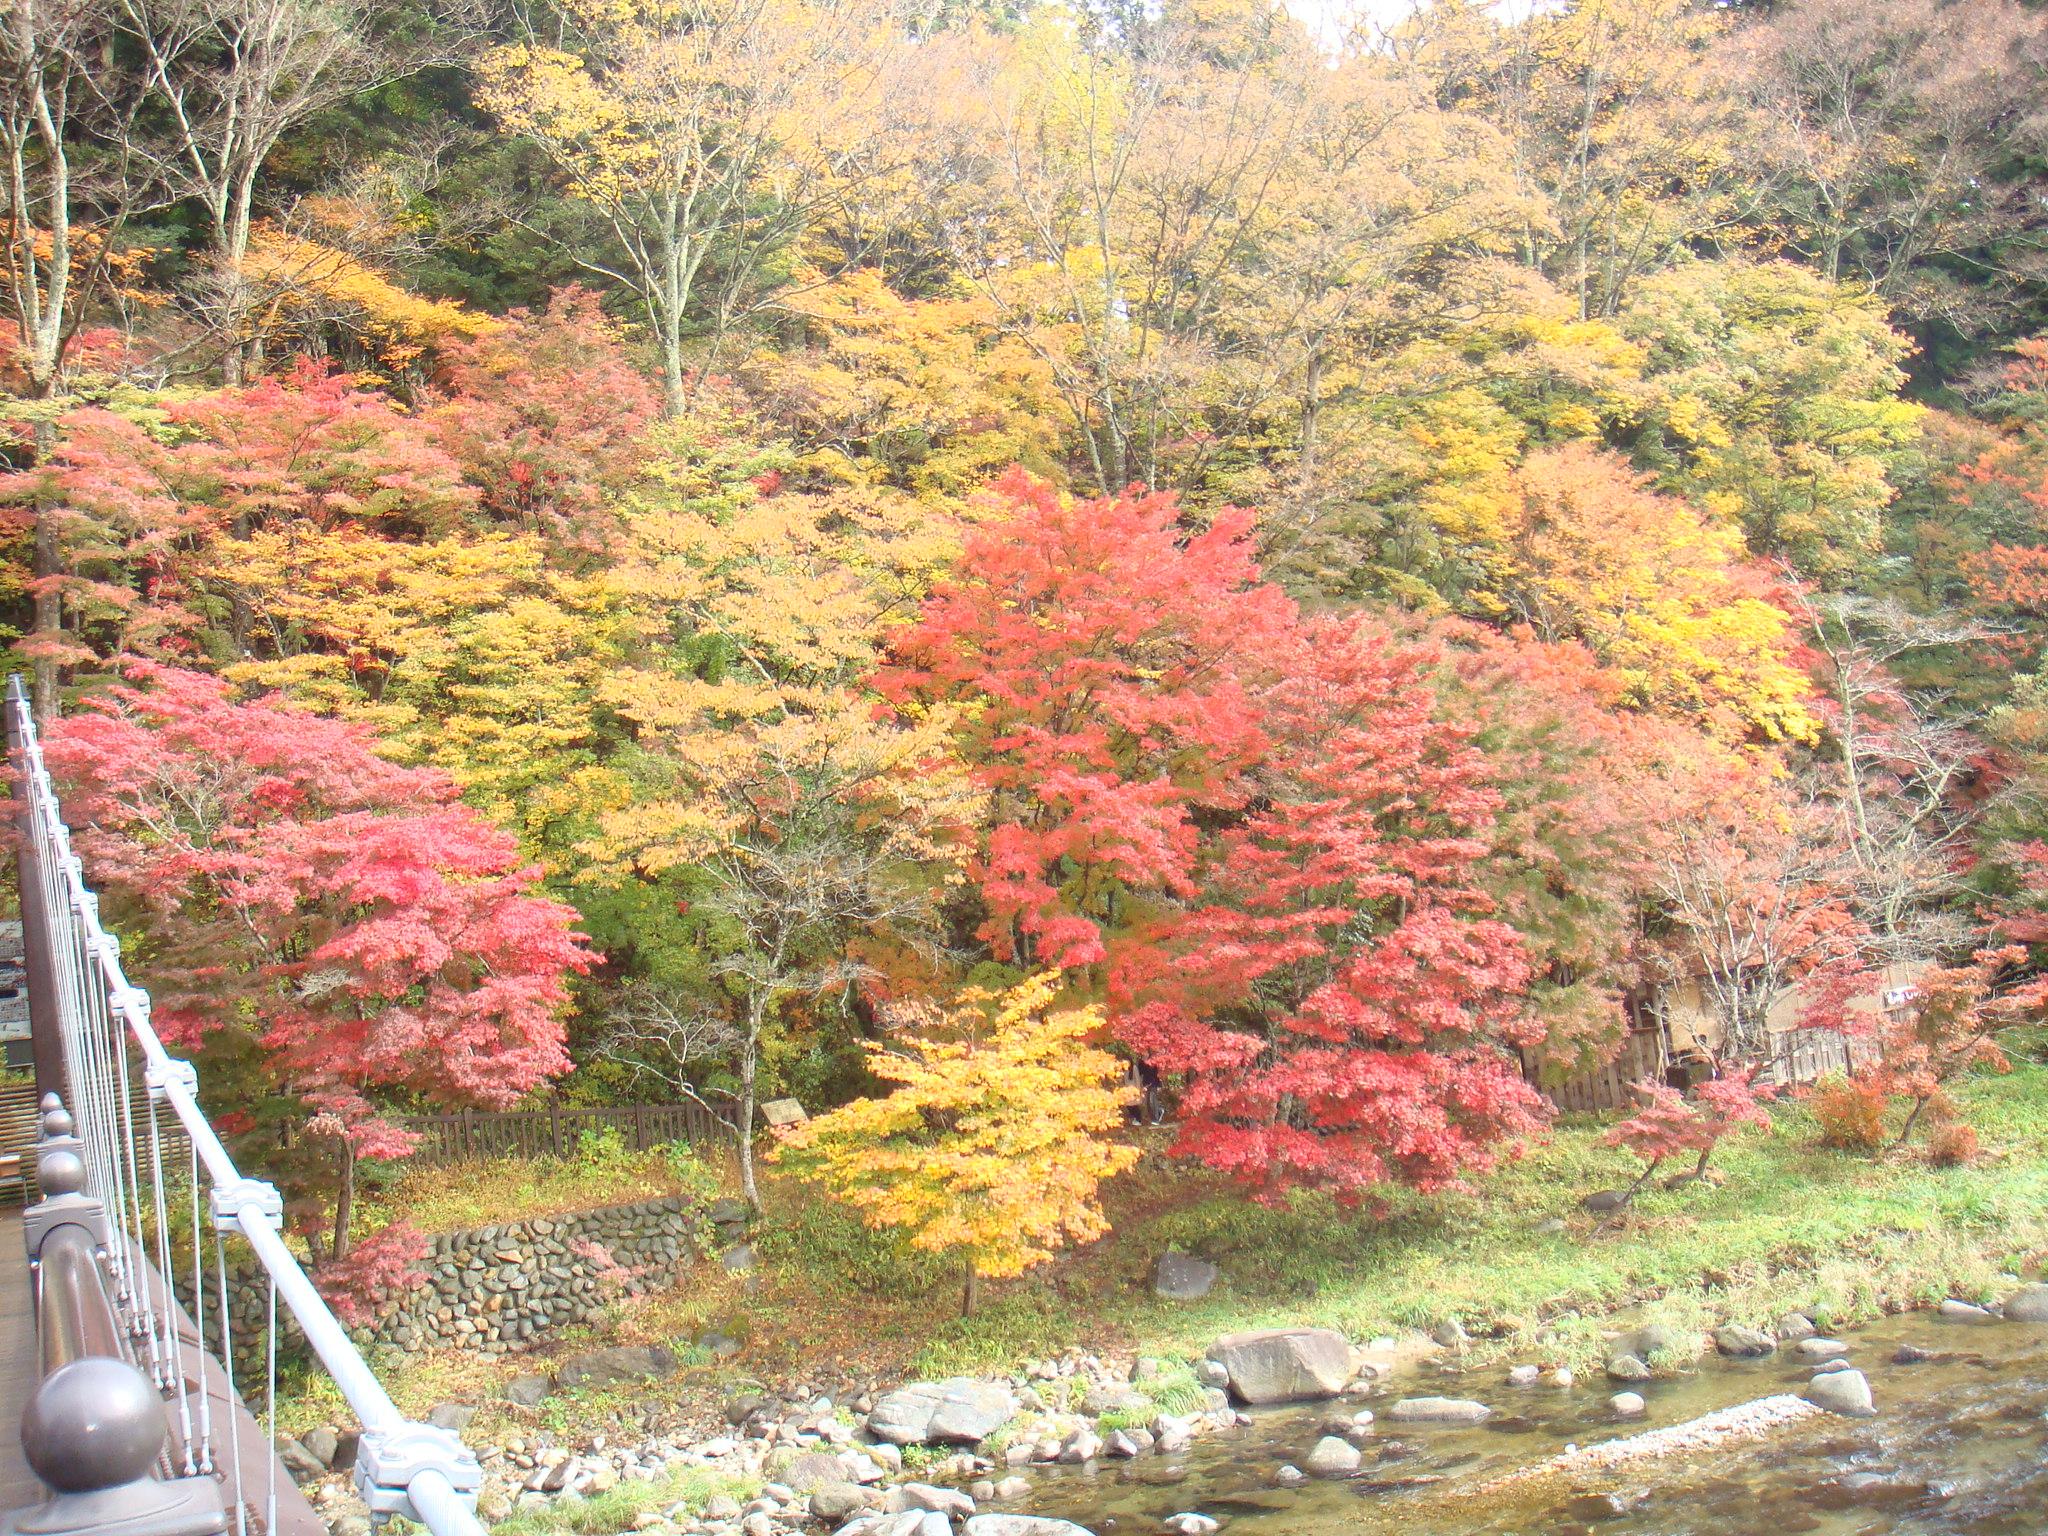 もの語り館前の紅葉(つり橋右側)